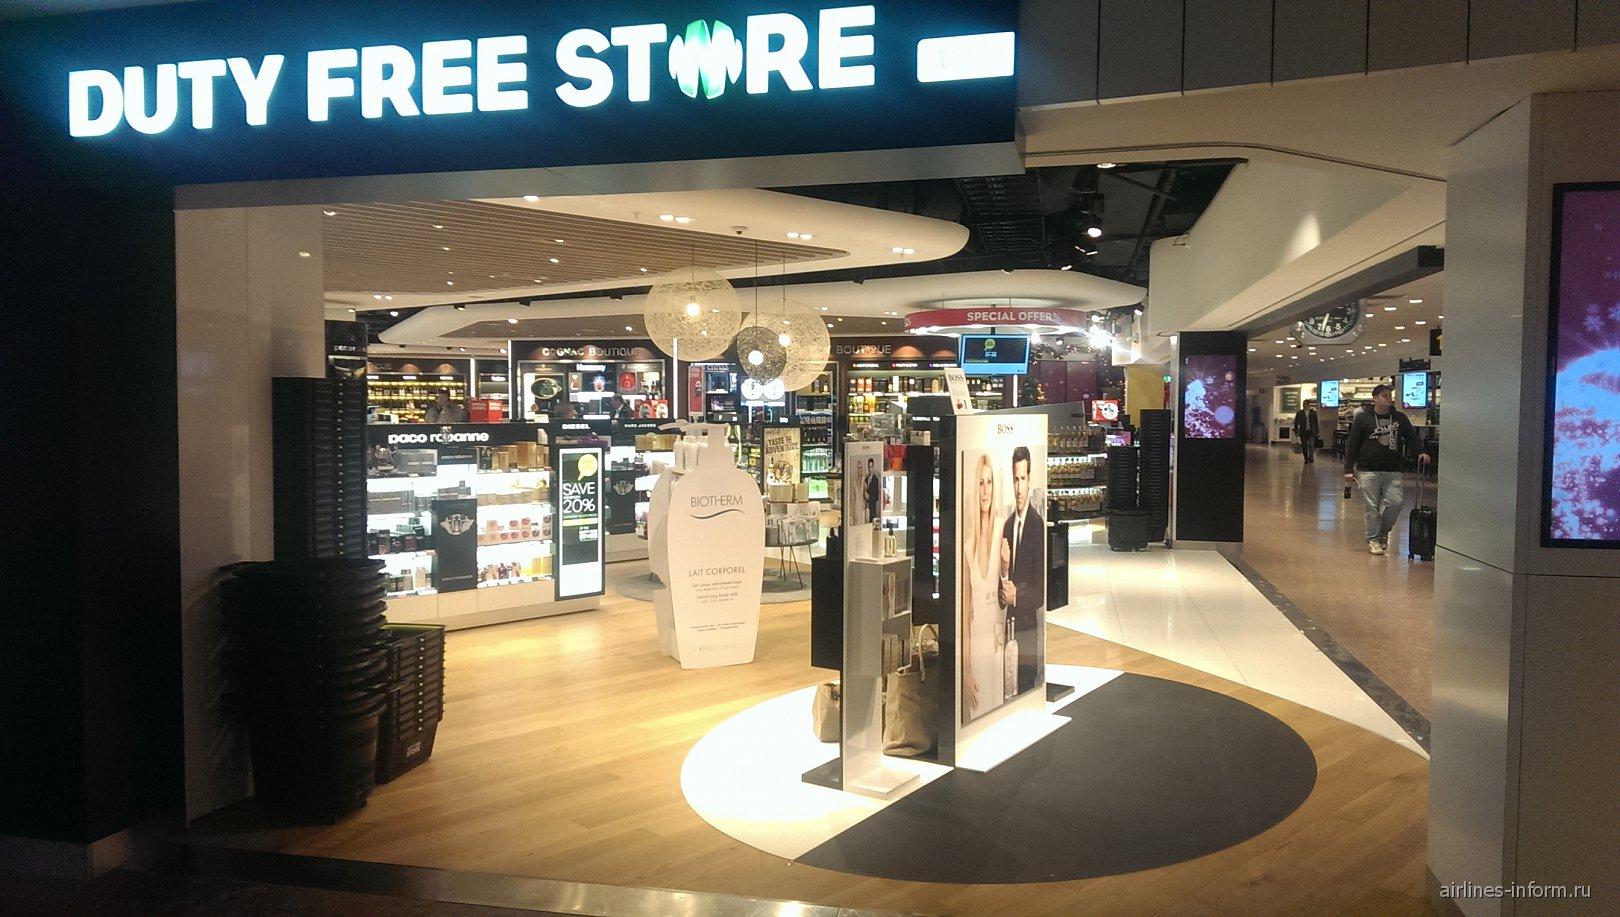 Магазин дьюти-фри в аэропорту Стокгольм Арланда